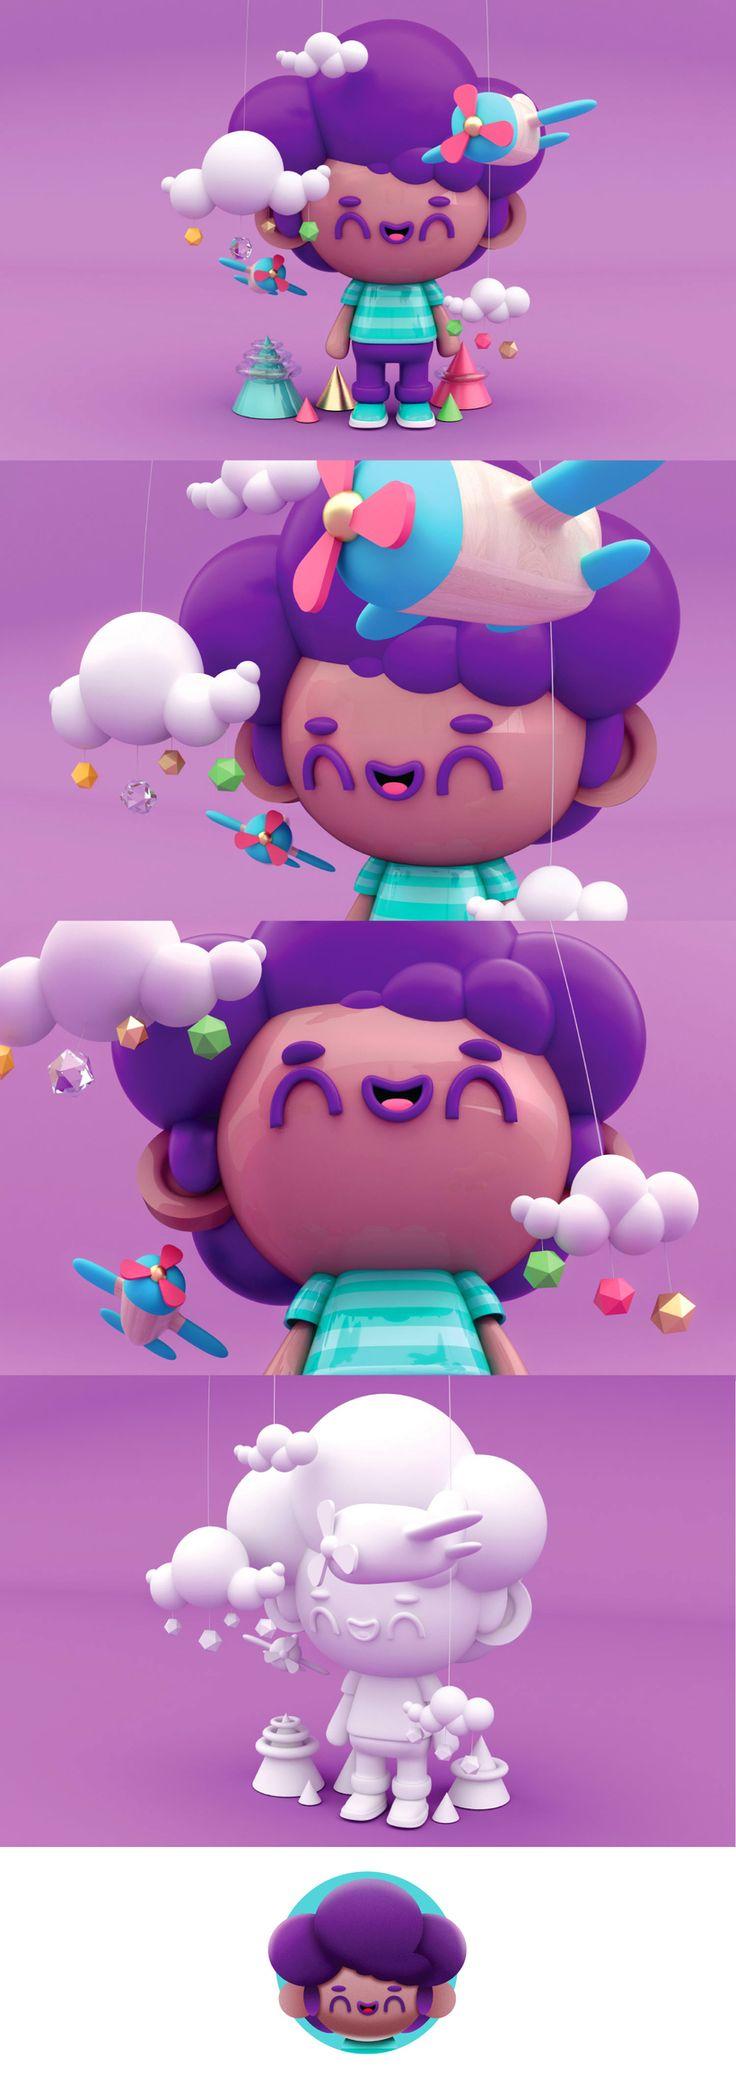 Mi proyecto de diseño de personajes en Cinema 4d: del boceto a la impresion -1